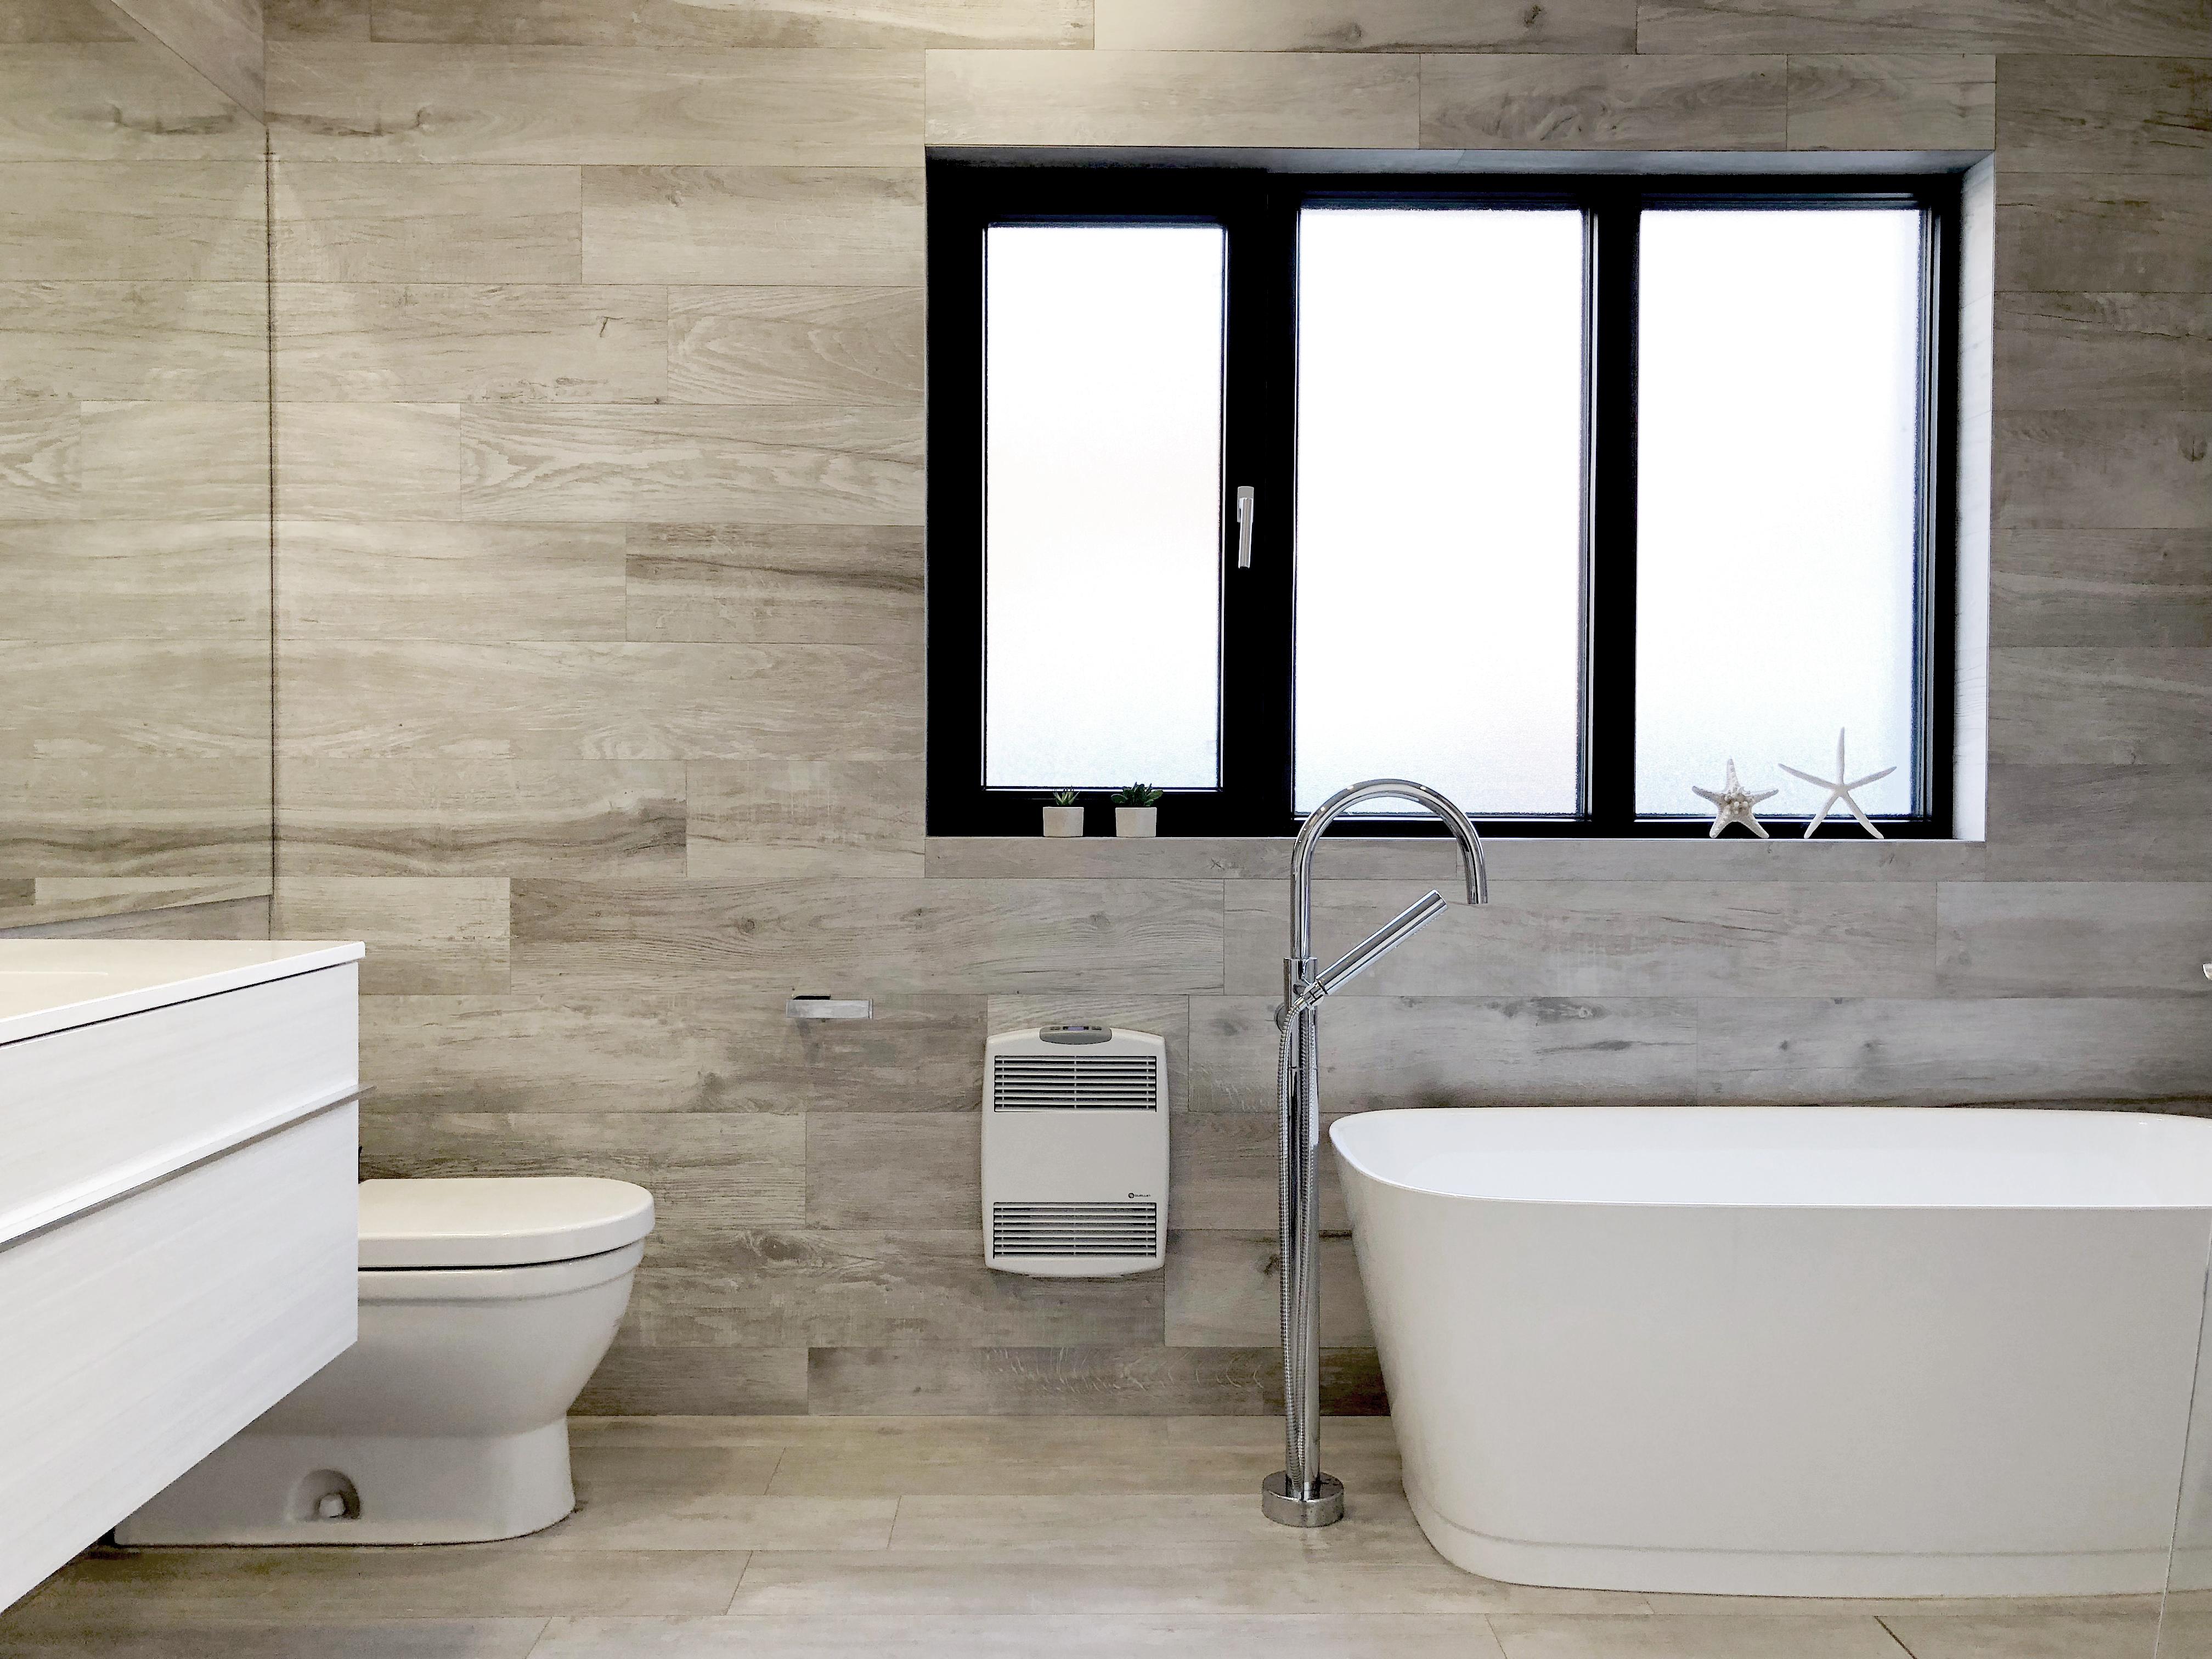 Bureau Architecture_salle-de-bain